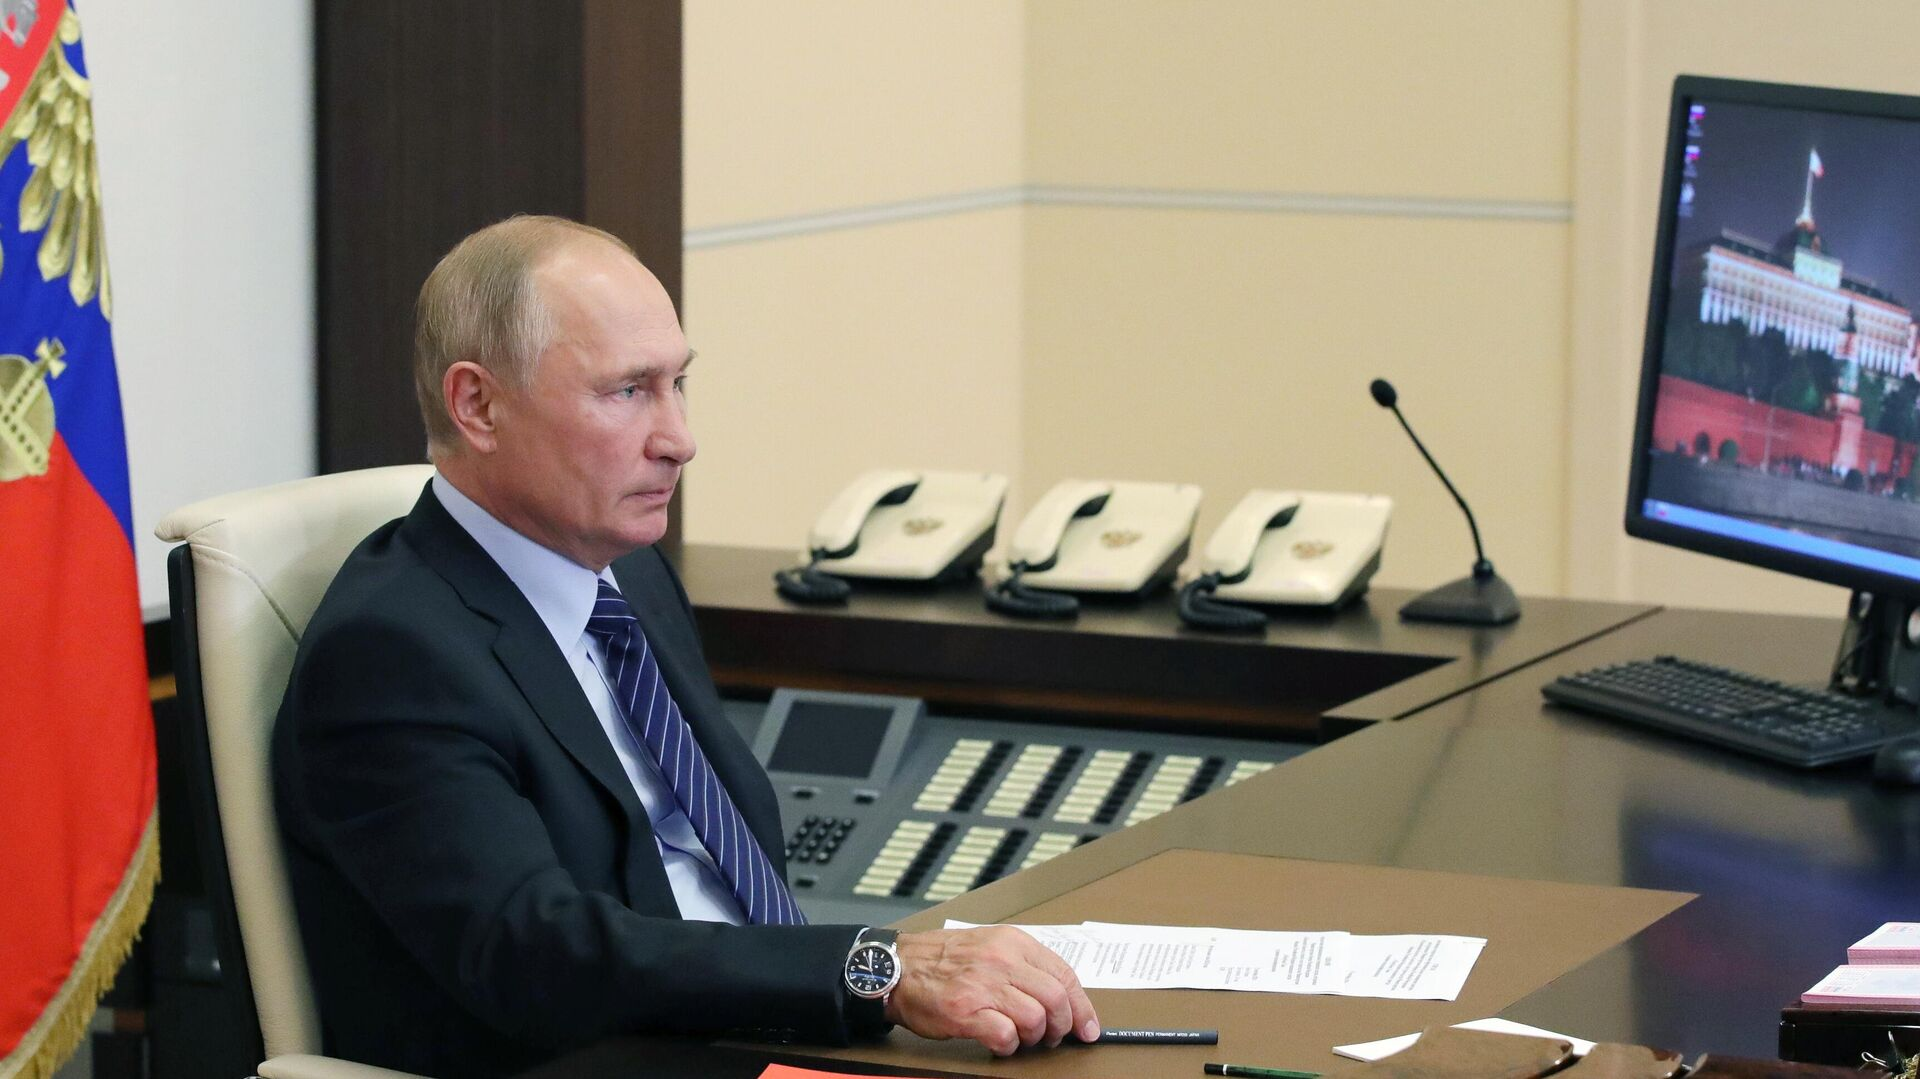 Президент РФ Владимир Путин проводит видеоконференцию по случаю открытия медицинских центров Минобороны для лечения пациентов с COVID-19 - РИА Новости, 1920, 18.09.2020